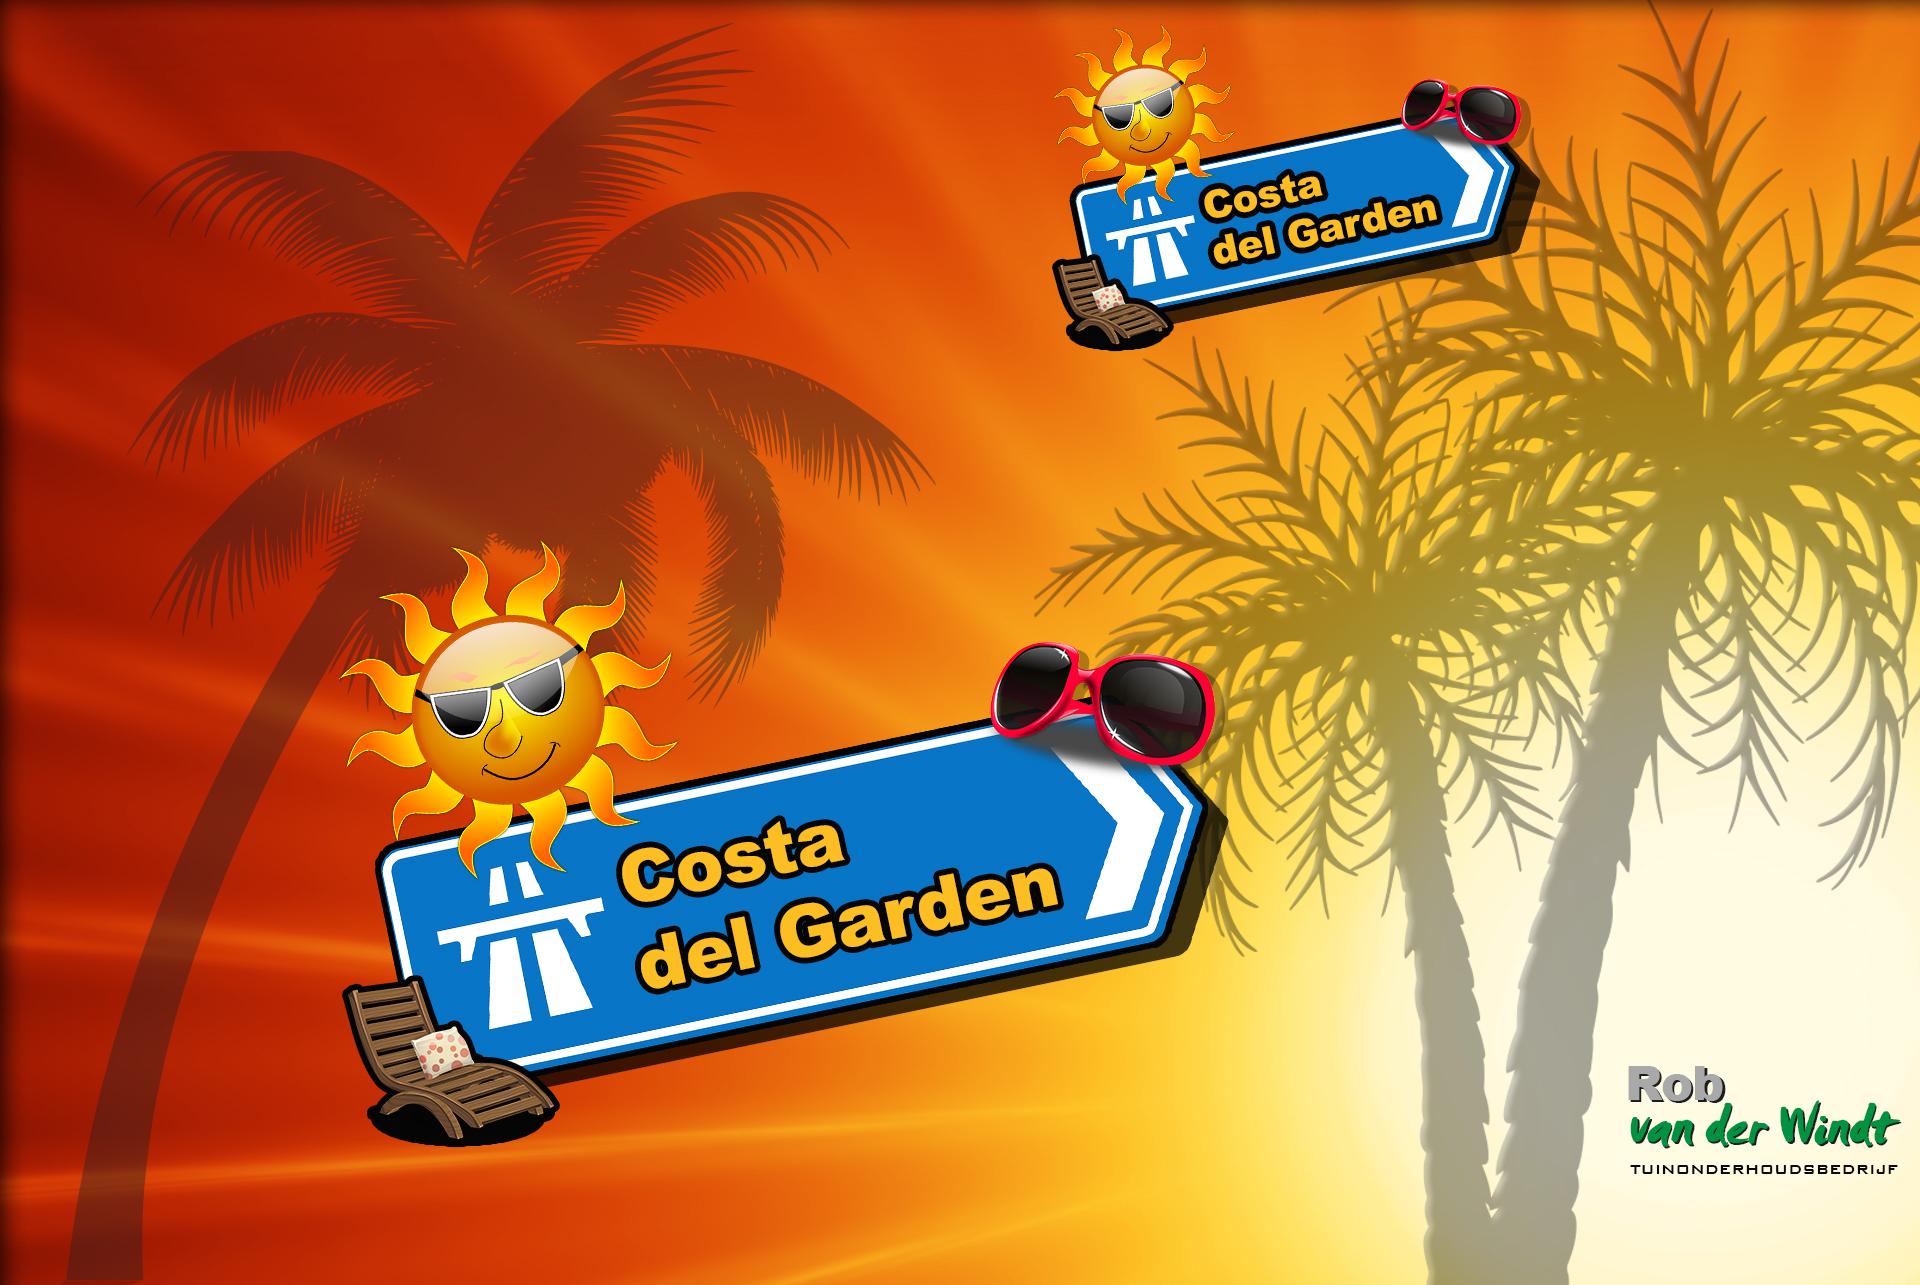 Coronacrisis? Vier vakantie in eigen tuin!